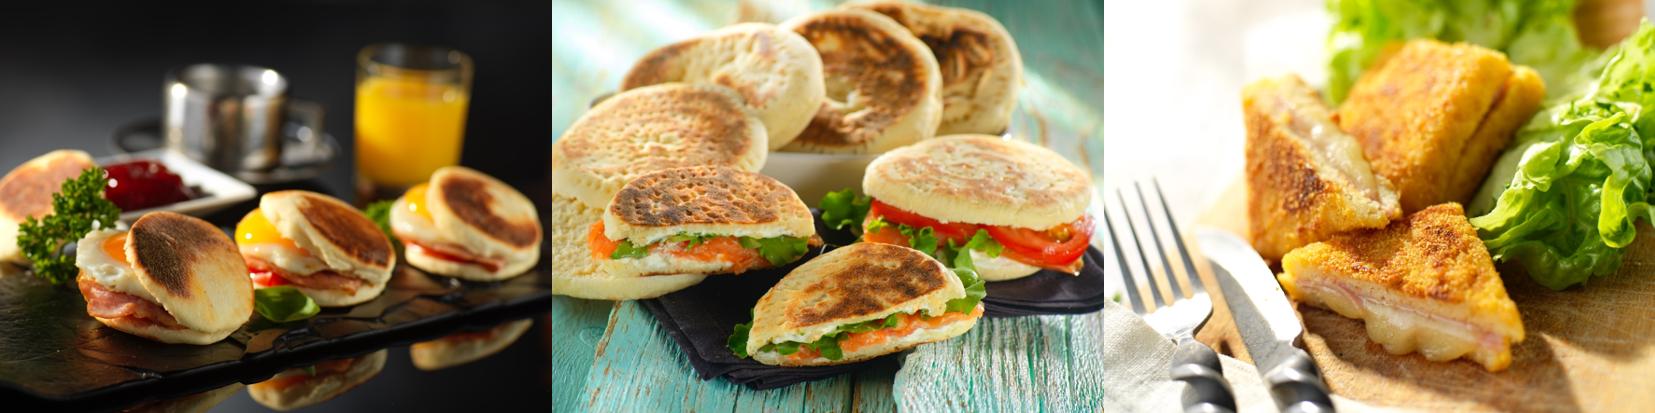 pain sandwich maison mon fournil